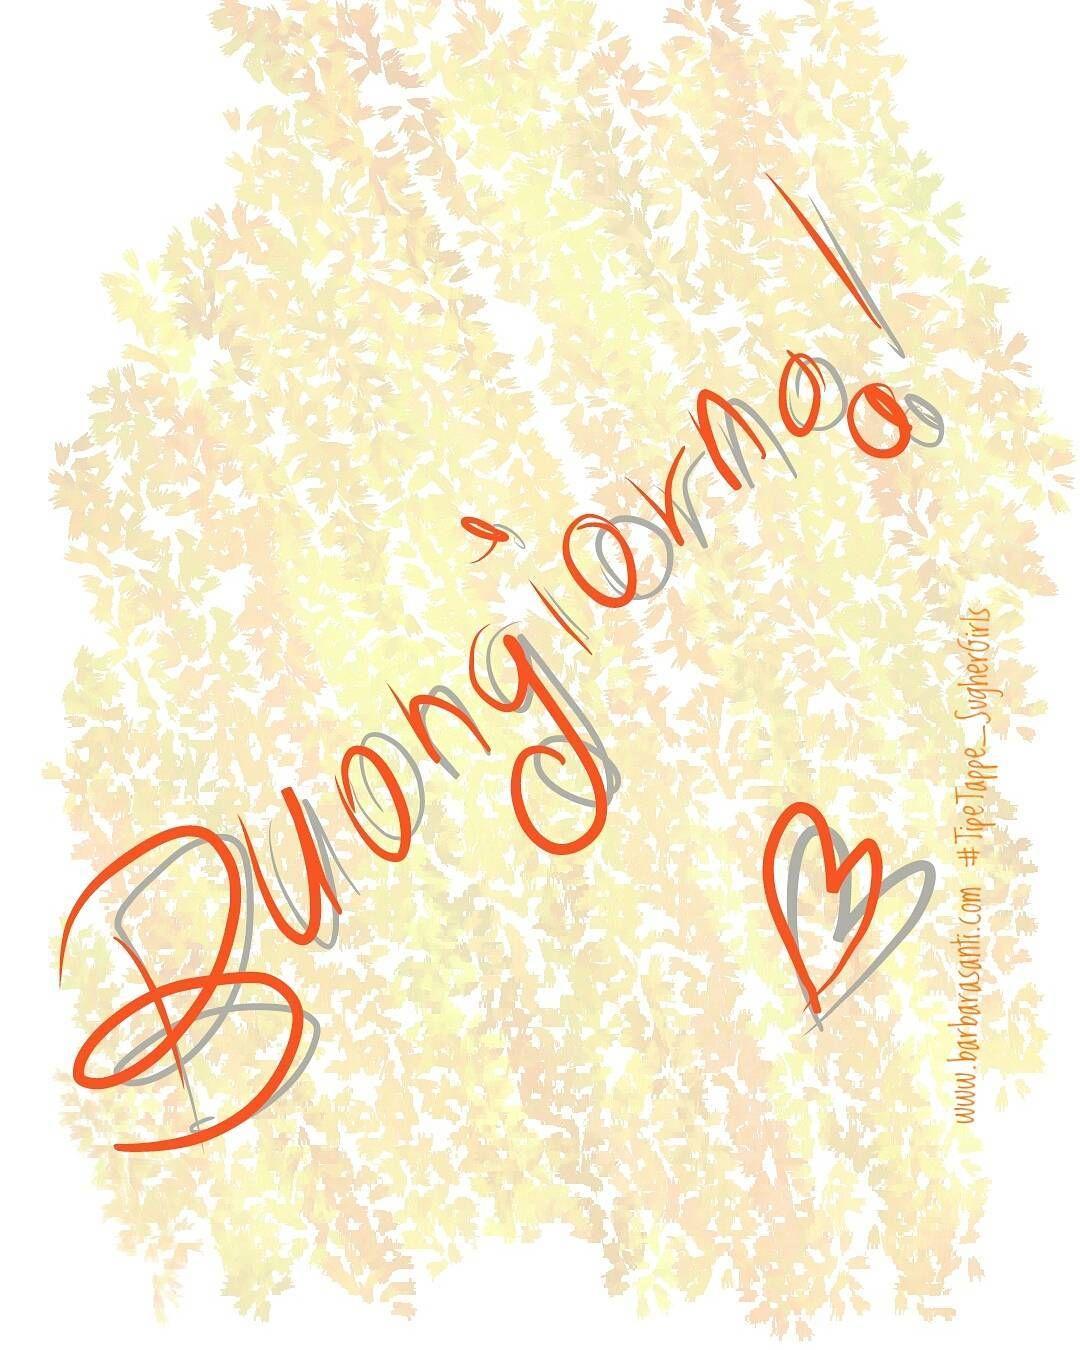 #Buongiorno!!..la luce ci assiste e nel pomeriggio arriveranno le foto delle nuove nate.. voi che programmi avete?.. siete impegnate nella ricerca di #portafortuna per domani?  #TipeTappe_SugherGirls #goodmorning #onlyfinger #scritte #goodmorning #heart #venerdì17 #giovedi #firstpostoftheday #italy #italia